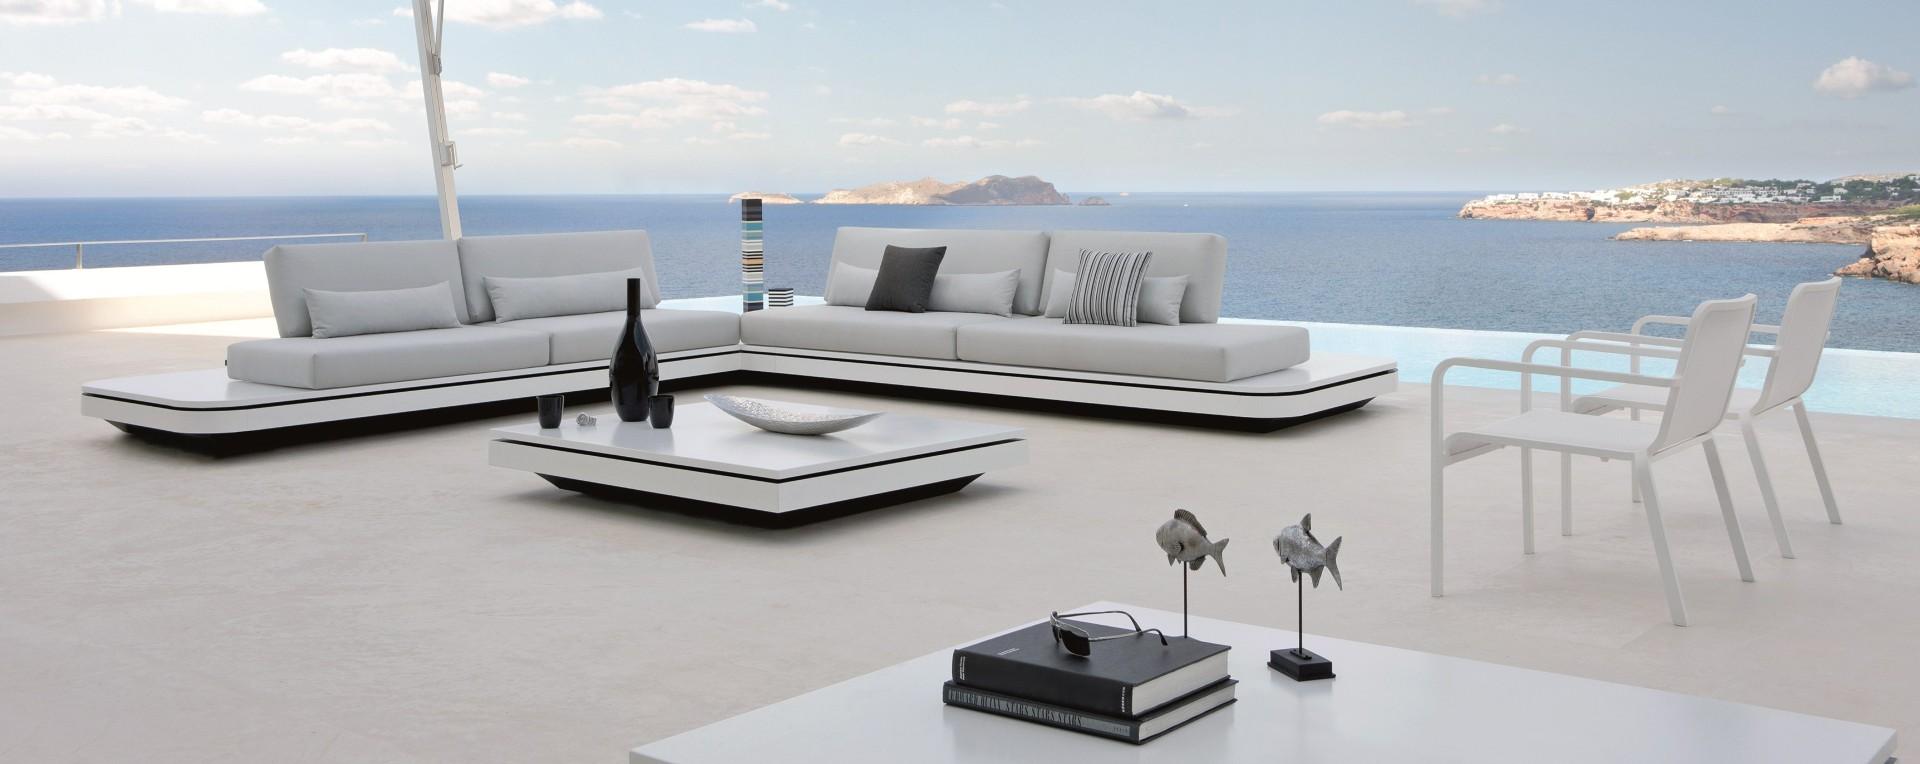 Salon salon de jardin design luxe meilleures id es - Mobilier de jardin en palette aixen provence ...